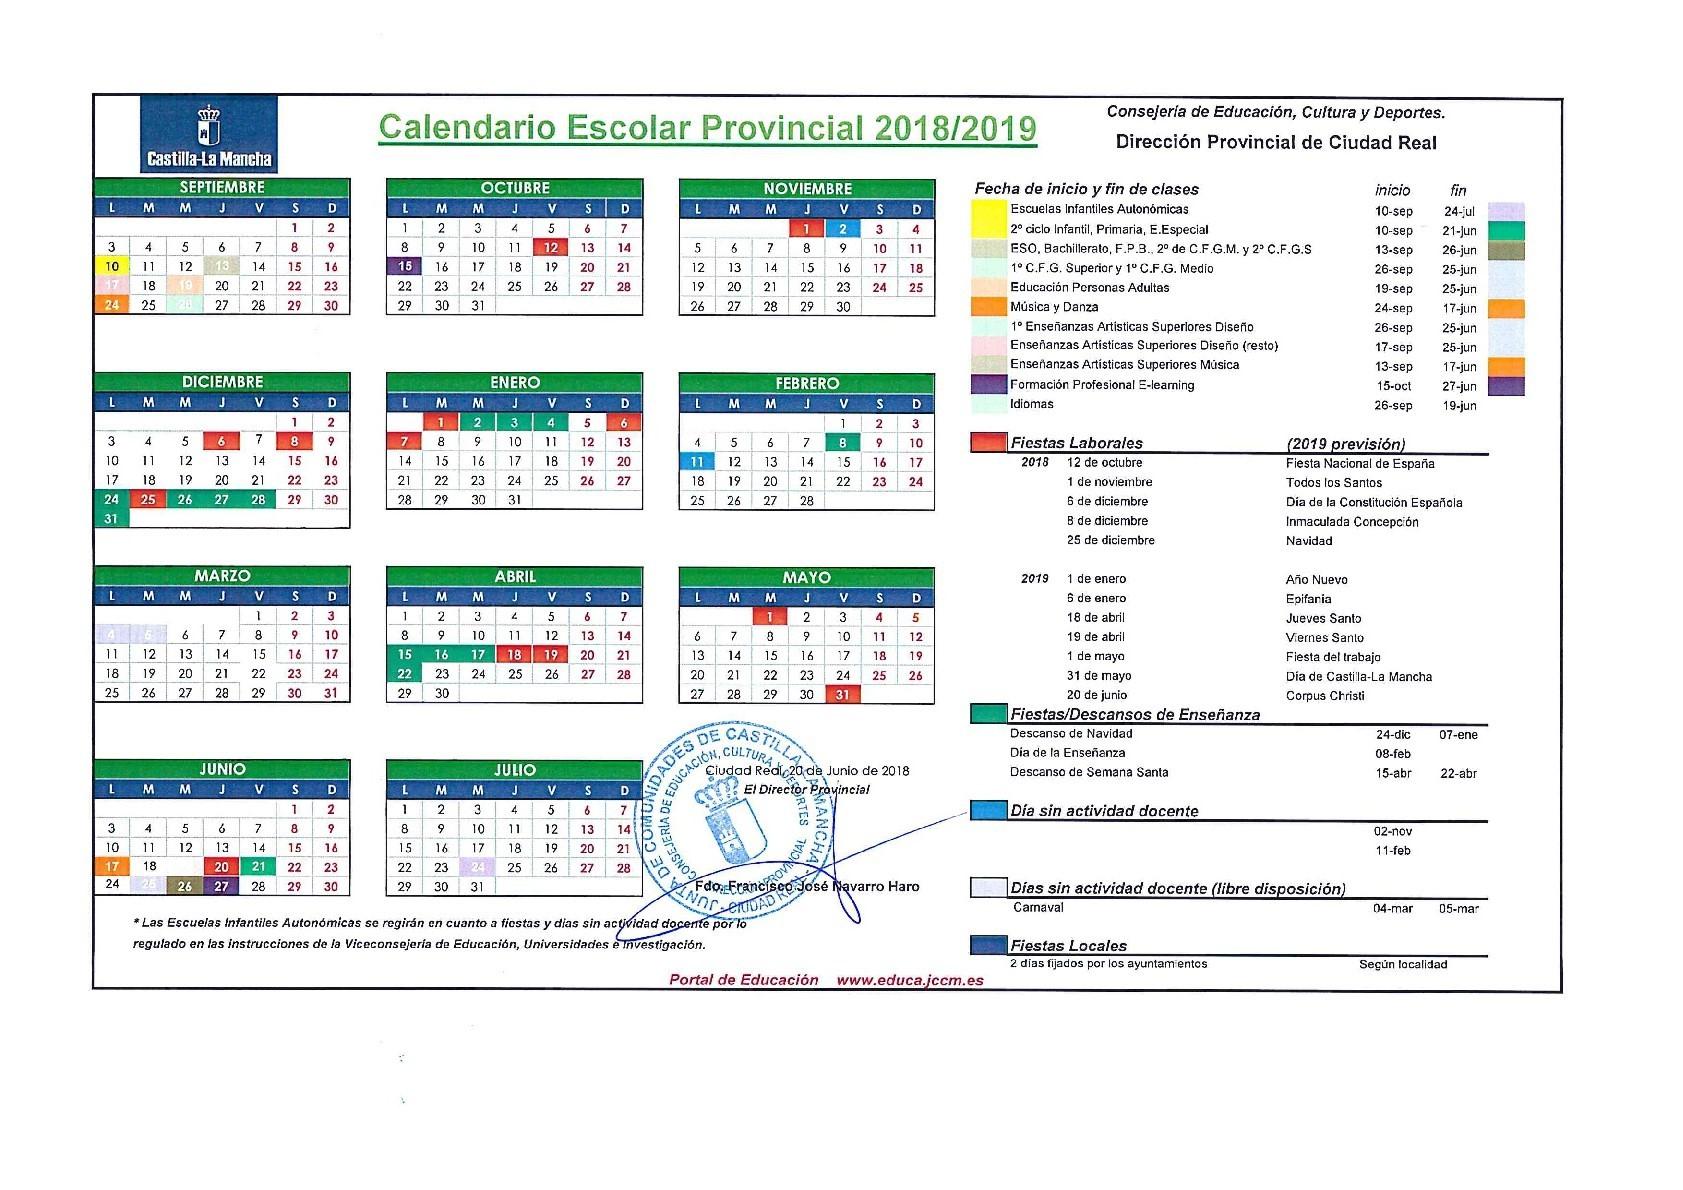 Calendario Escolar 2019 Carnaval Más Populares Calendario Escolar 2018 2019 Of Calendario Escolar 2019 Carnaval Recientes Calendario Escolar Del Curso 17 18